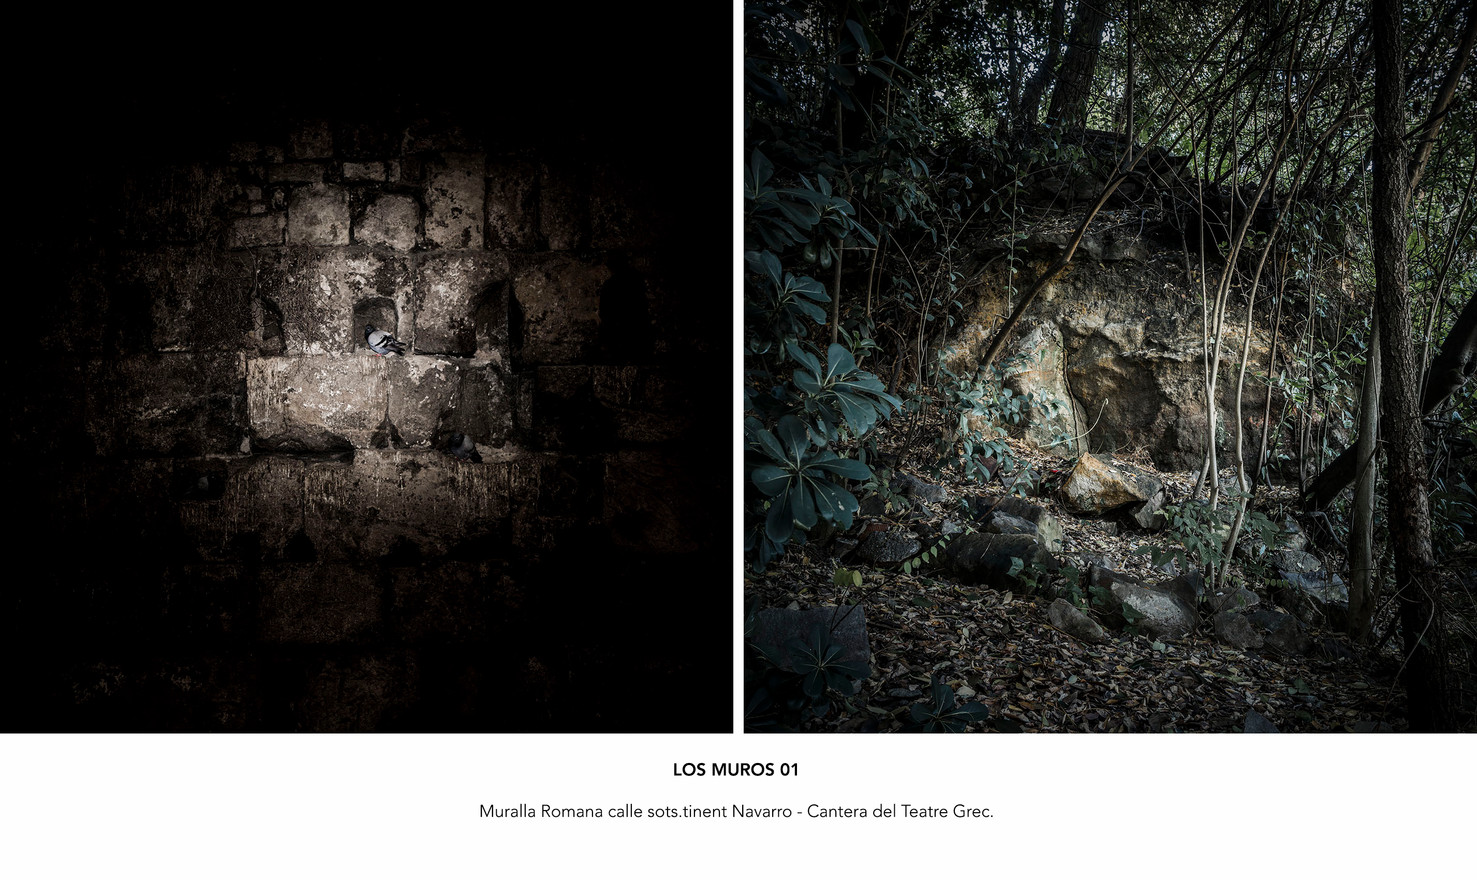 Los Muros 01.jpg